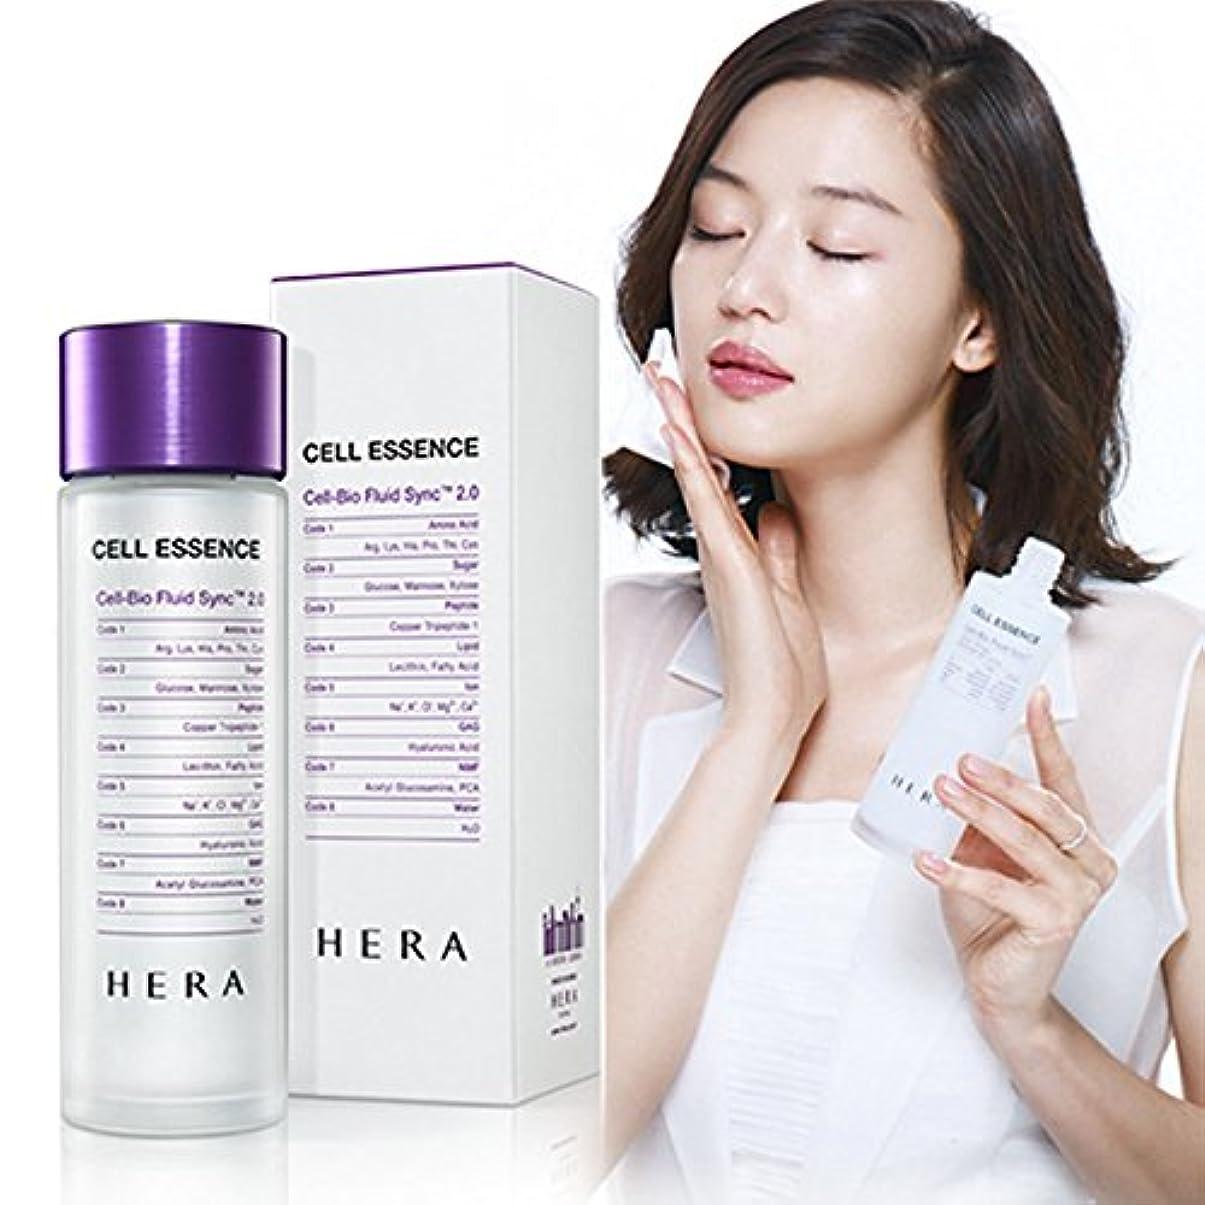 HERA/ヘラ セルエッセンス セル?バイオフルイドシンク2.0 150ml 5 Oz 2016ニューバージョン(Hera Cell Essence Cell-Bio Fluid Sync 2.0 150ml 5 Oz...